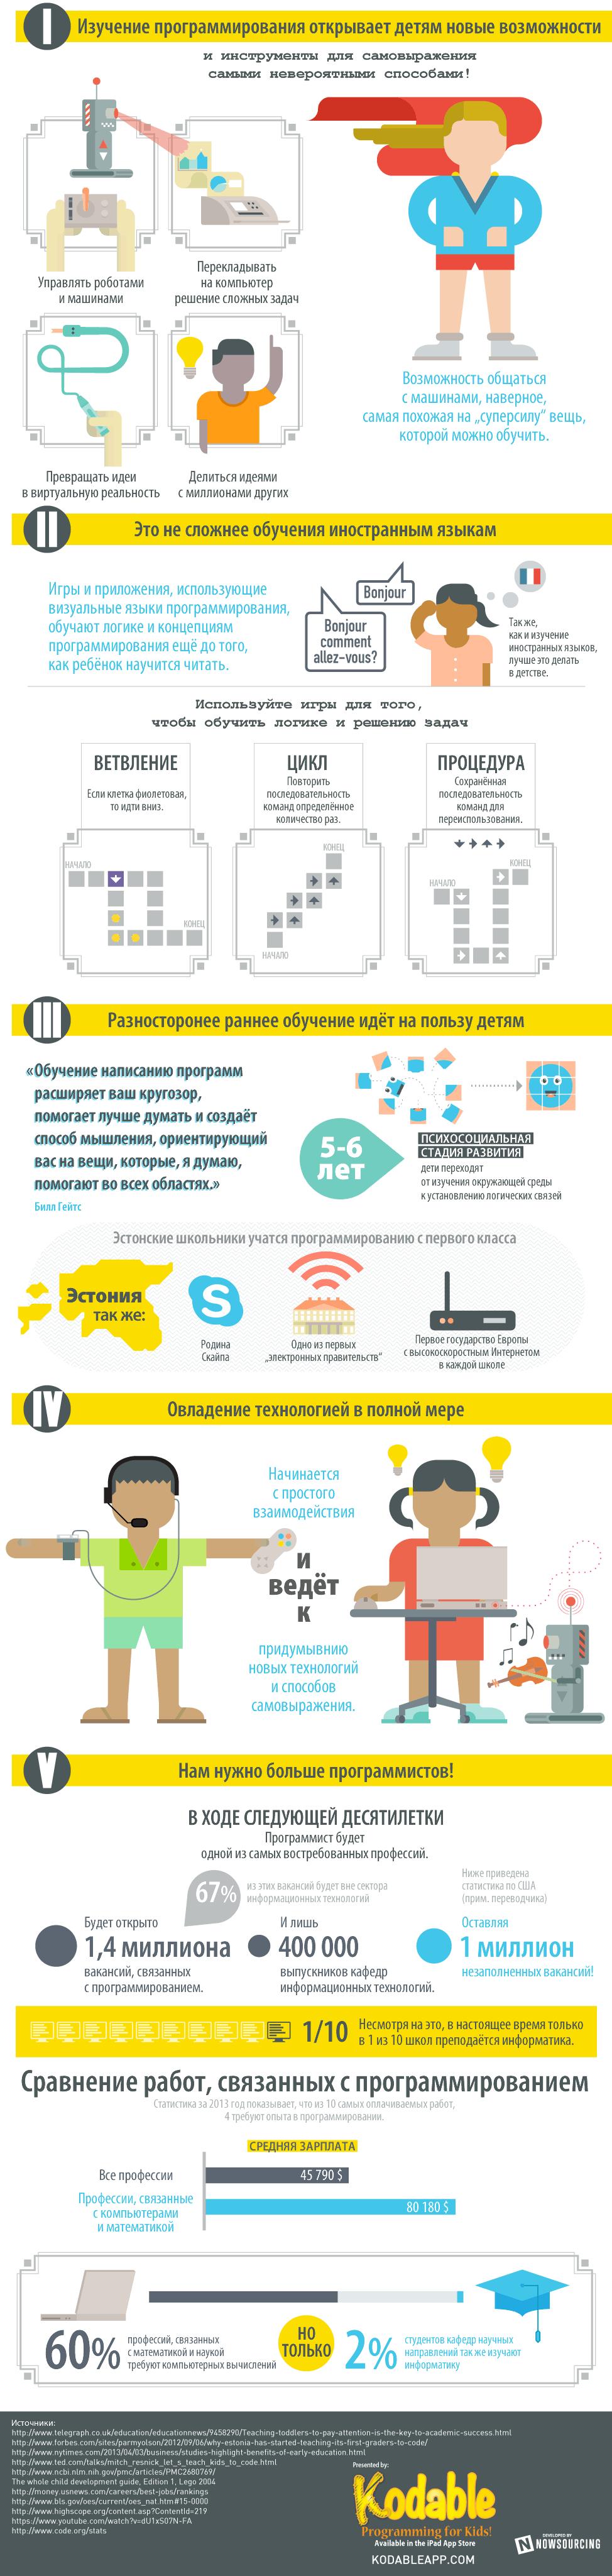 Иллюстрация: 5 причин учить детей программированию